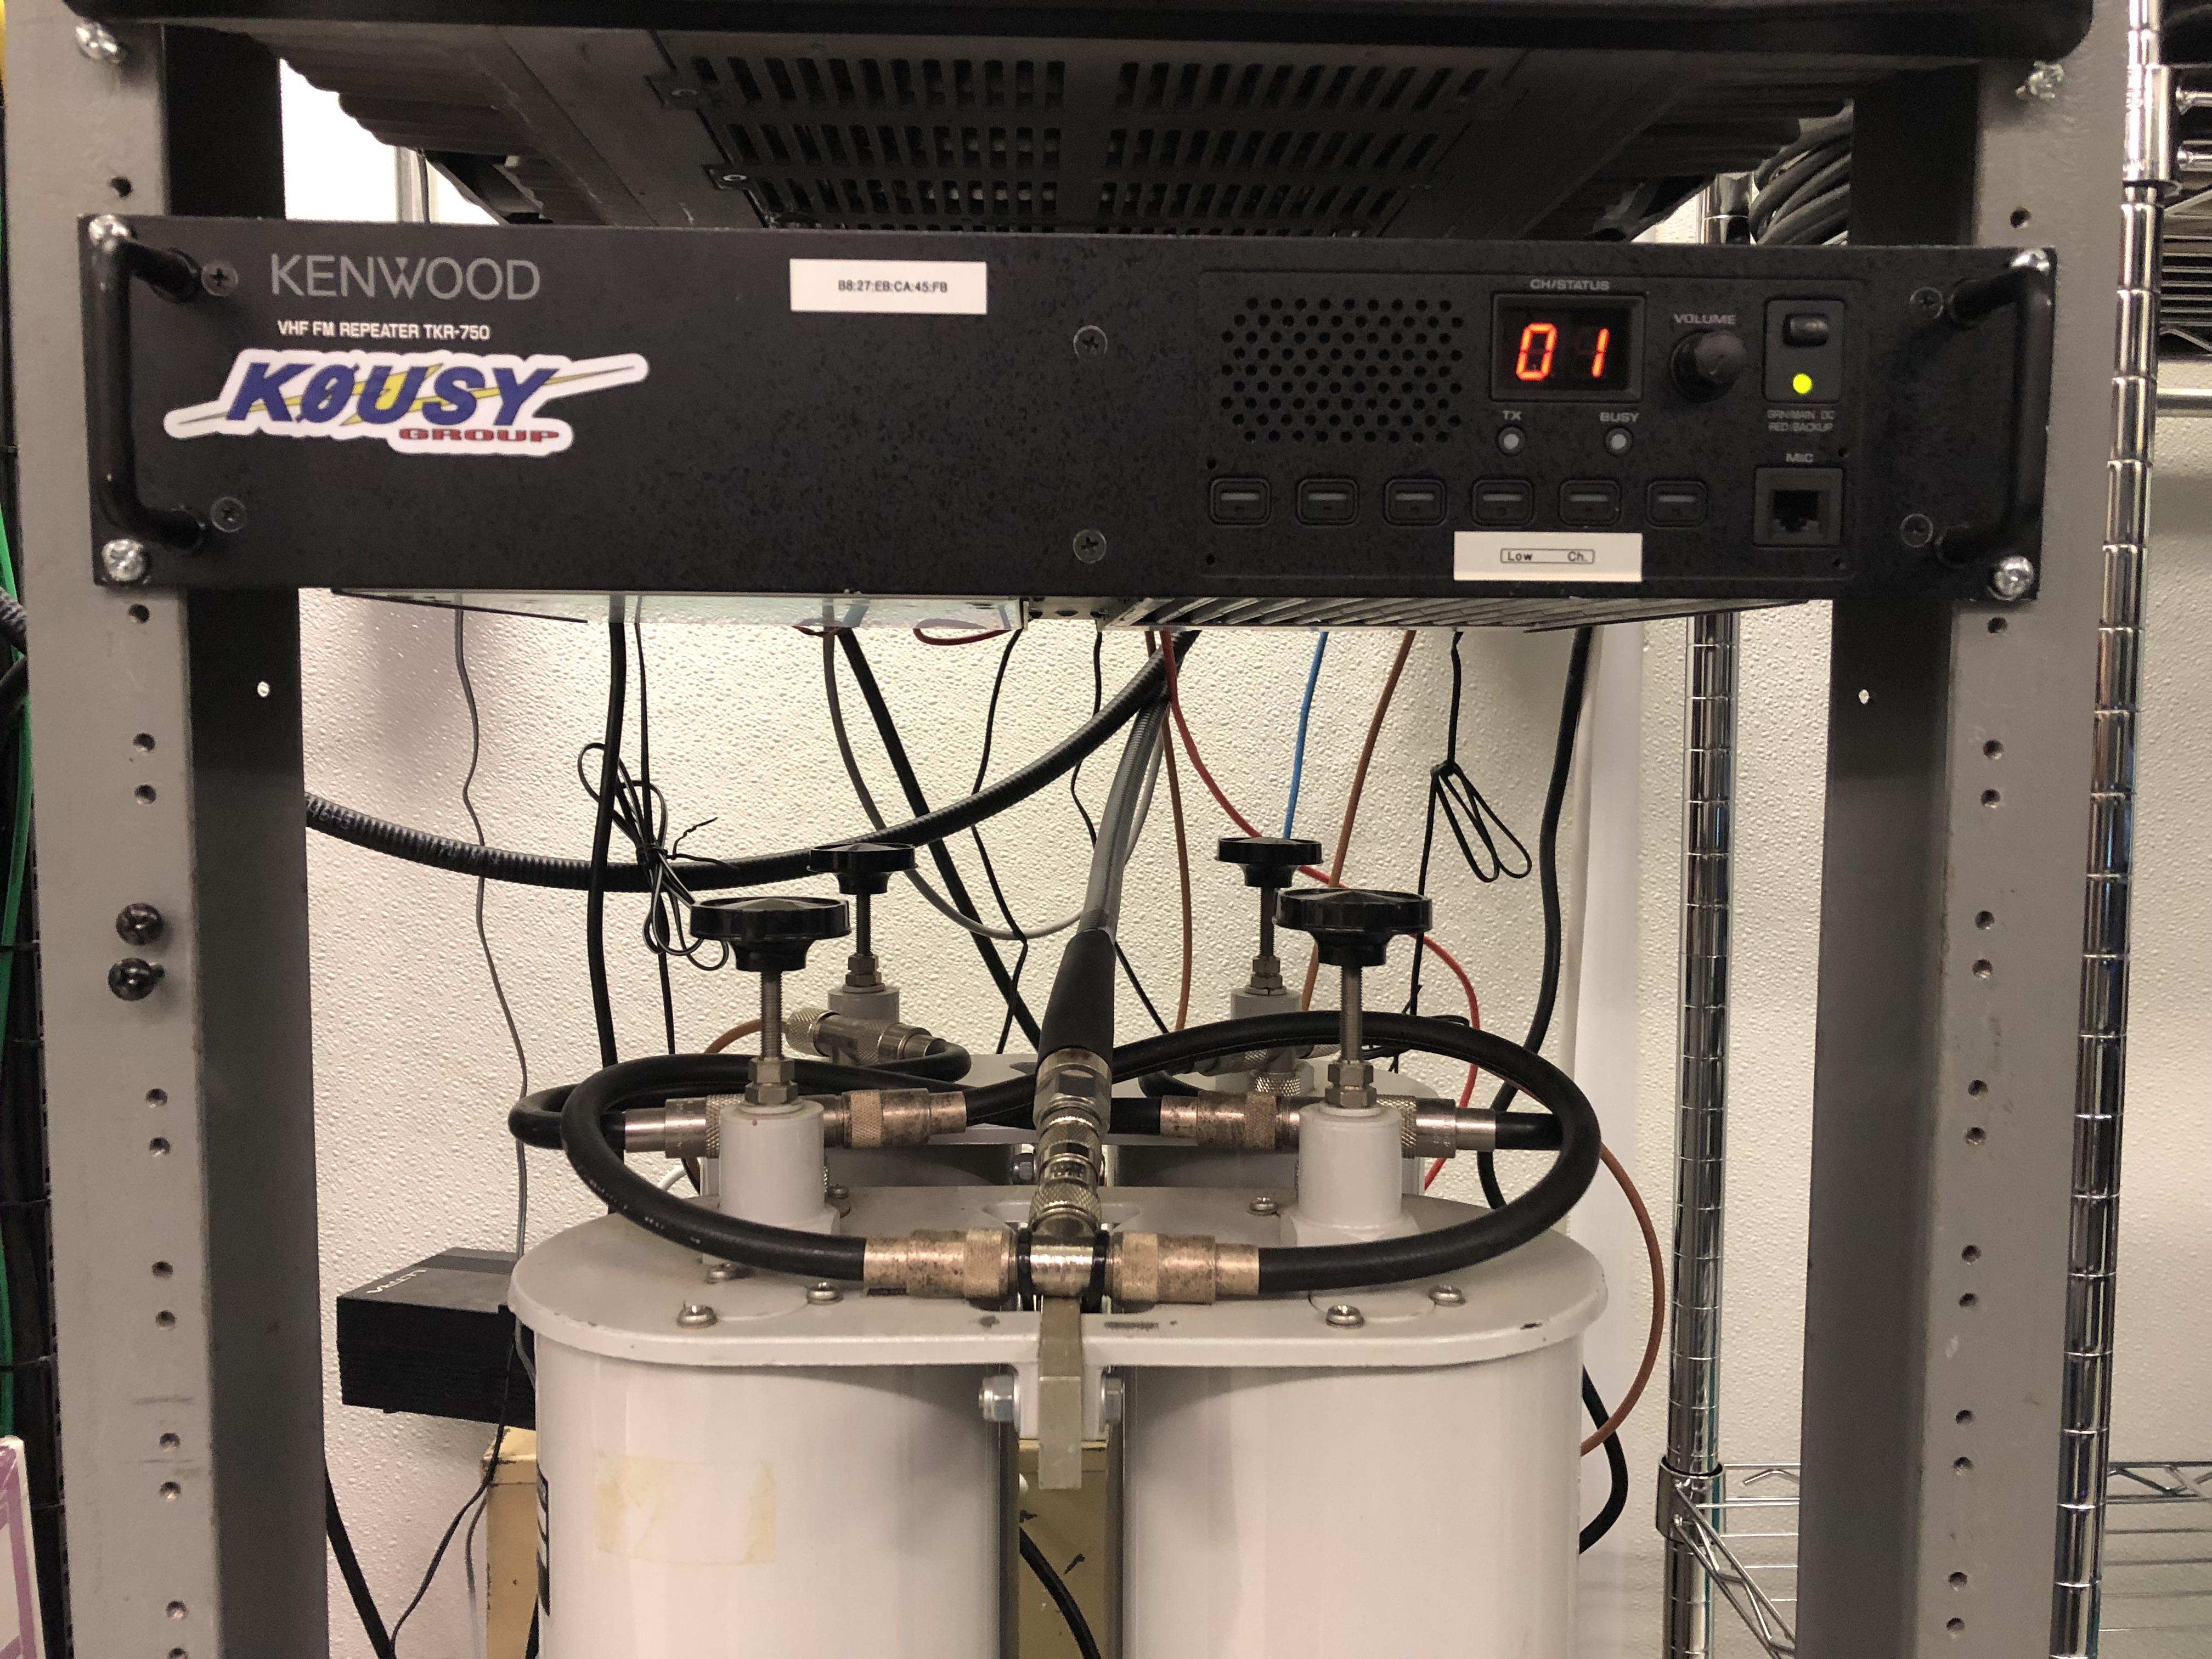 Topeka 2 – 146 805 – WV0S – KS-DMR Network